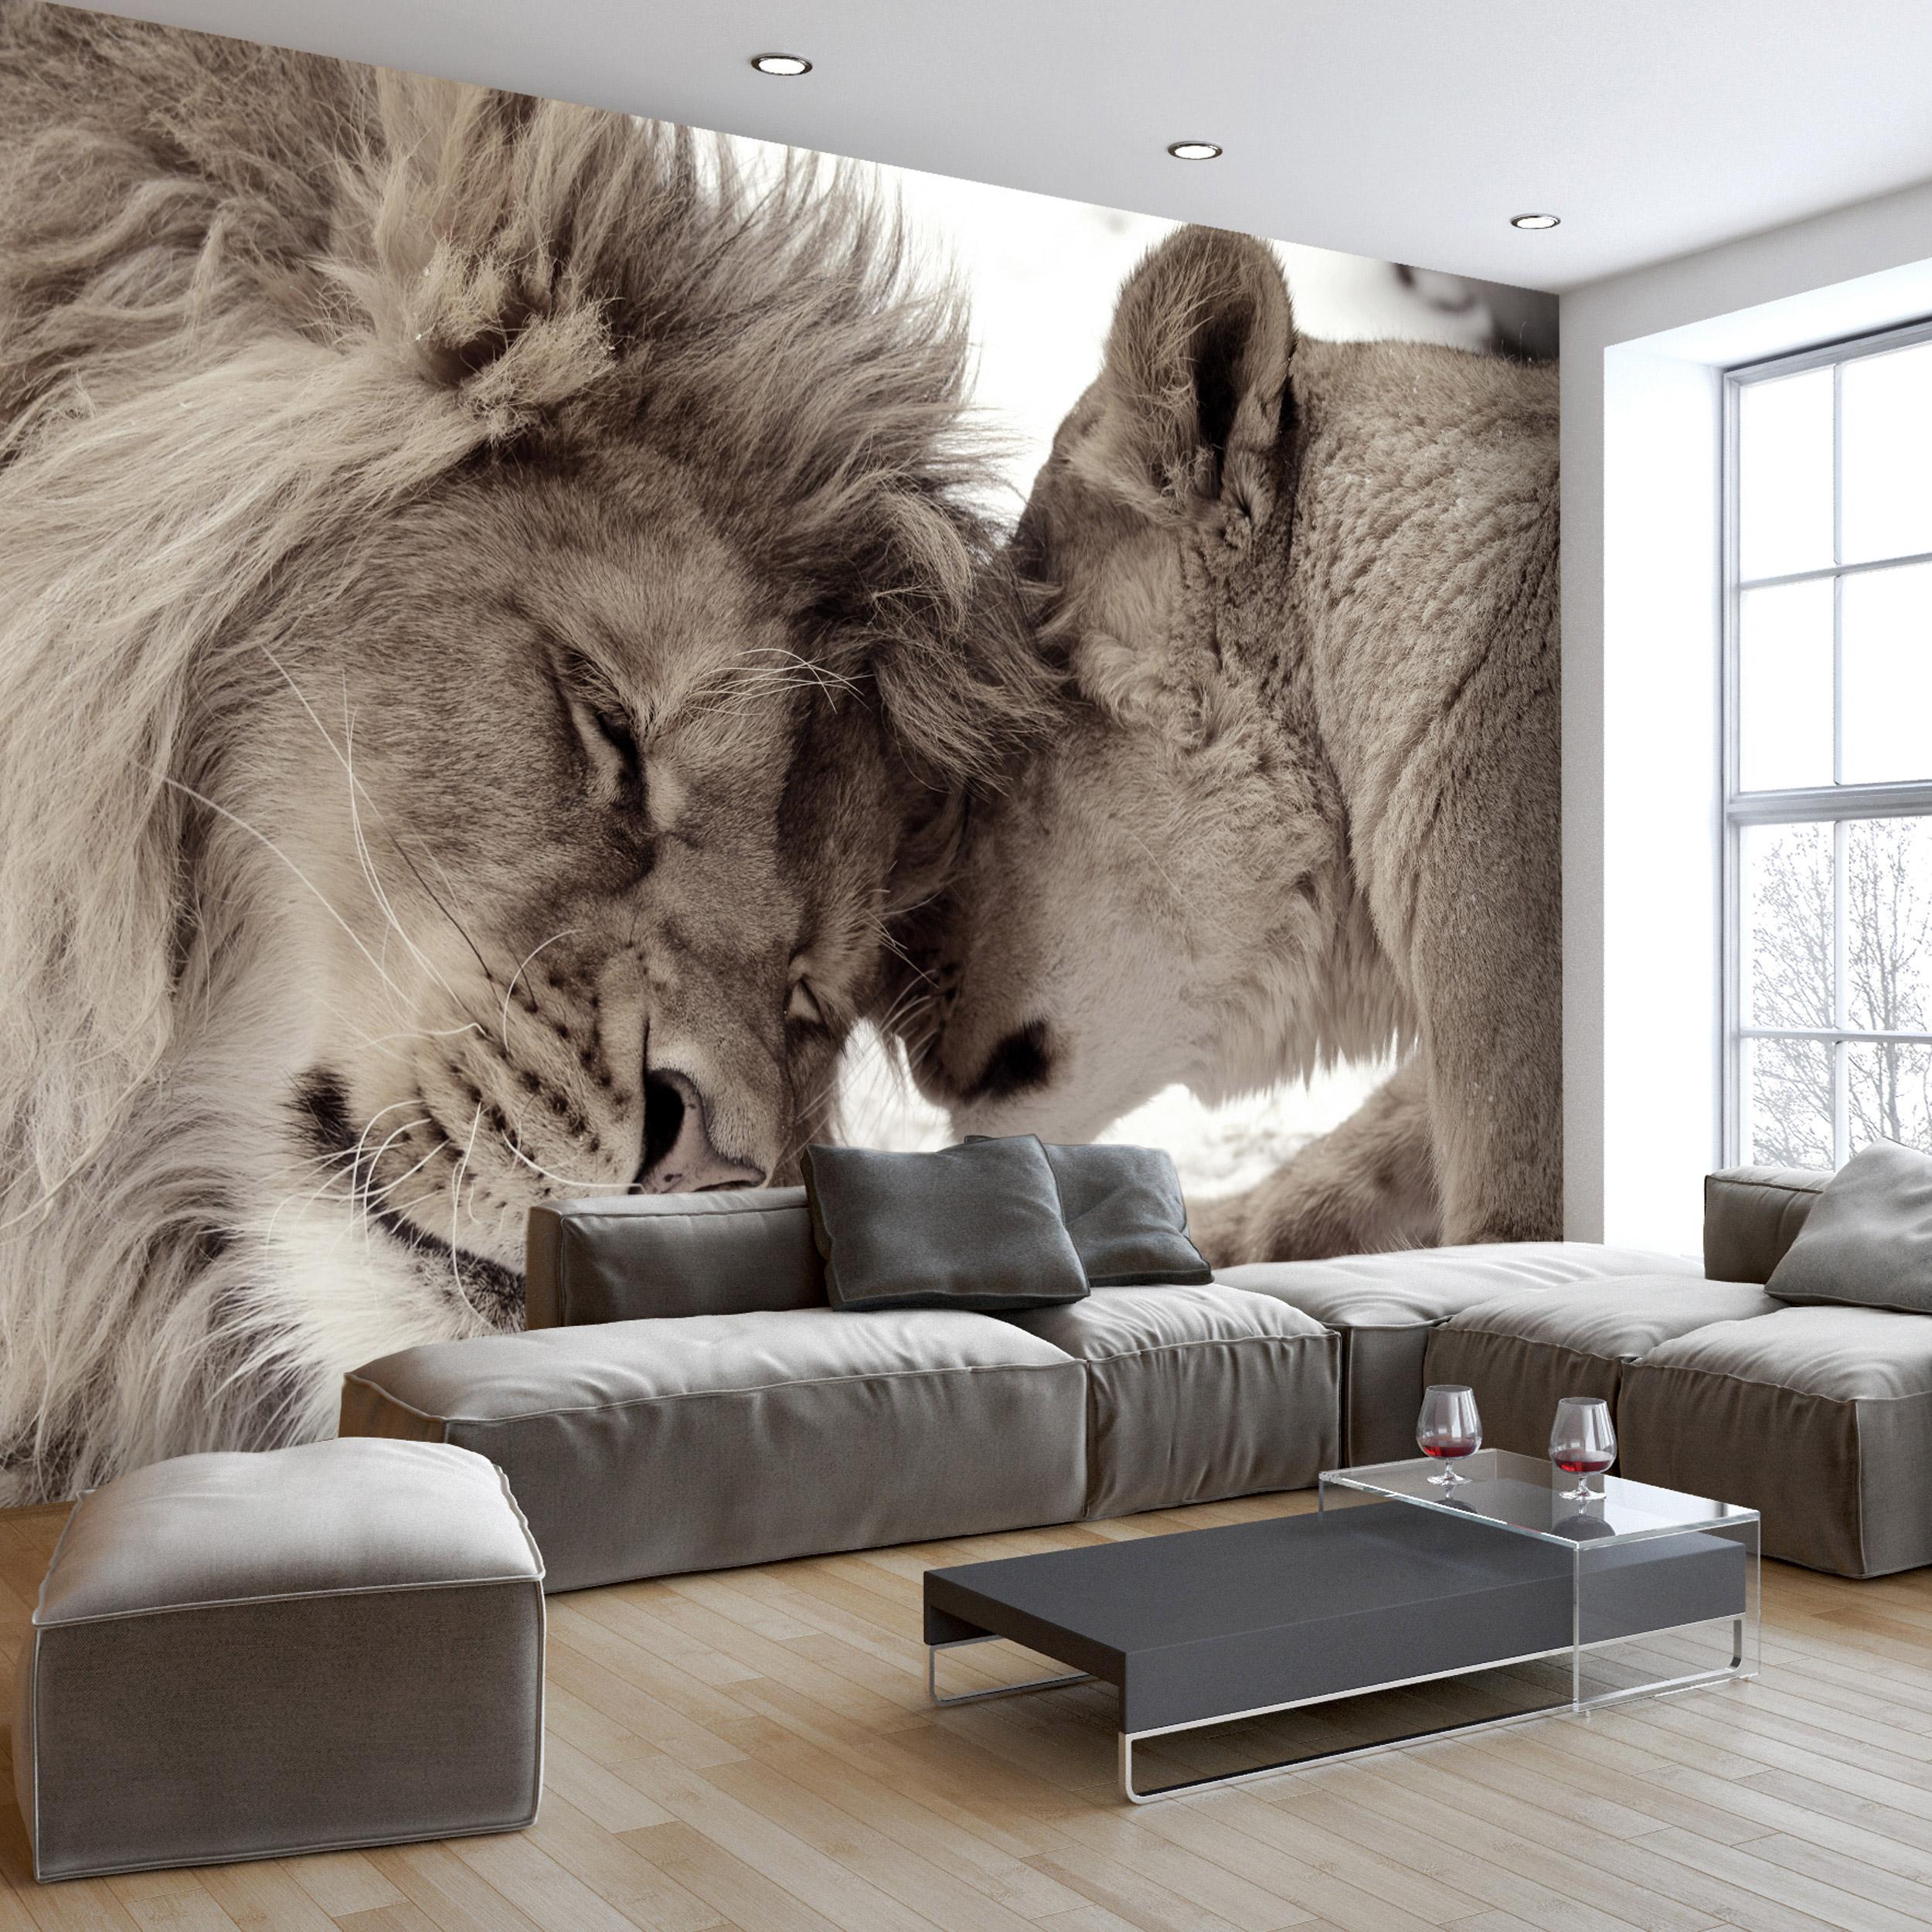 Details zu Löwe VLIES Fototapete Tapeten XXL Wanddeko Wohnzimmer 9 Motiv  Modern Tiere Natur